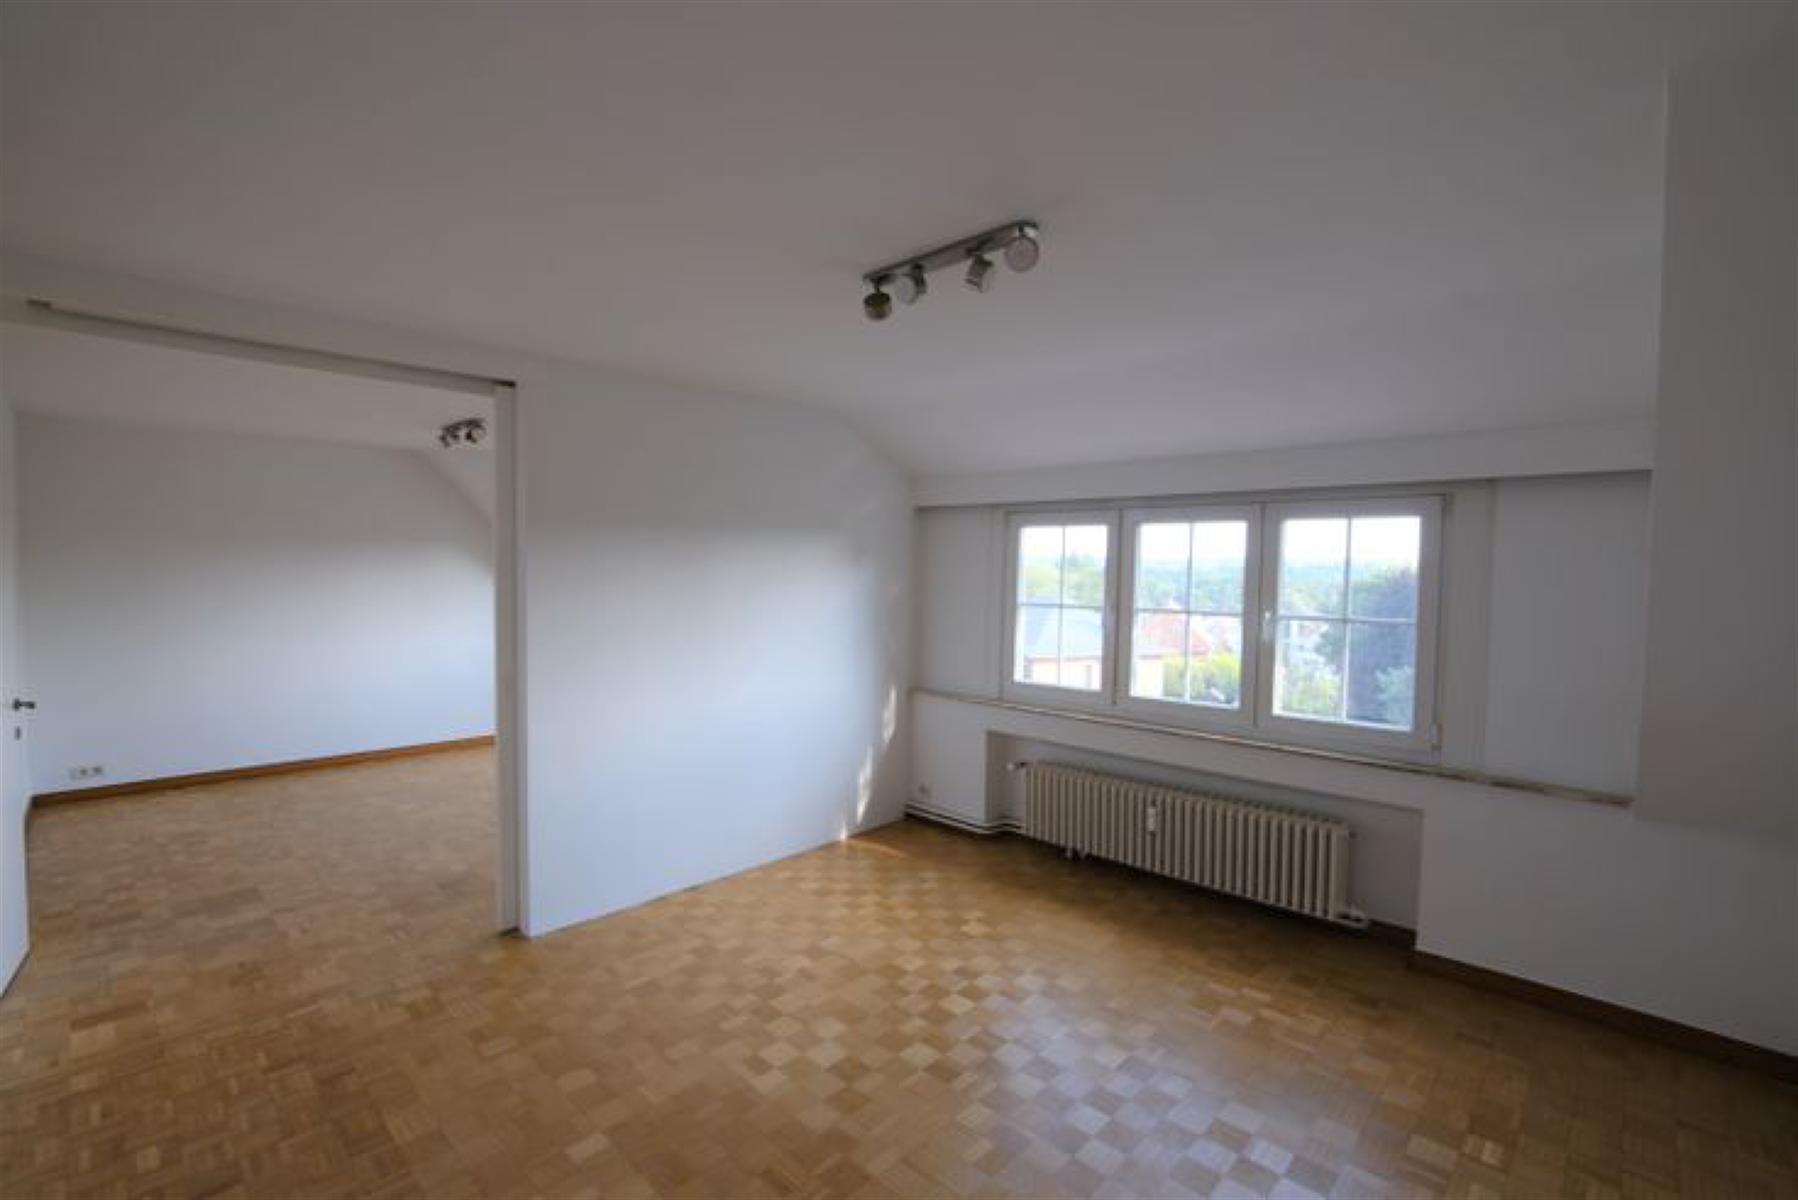 Appartement - Woluwe-Saint-Pierre - #4520815-1